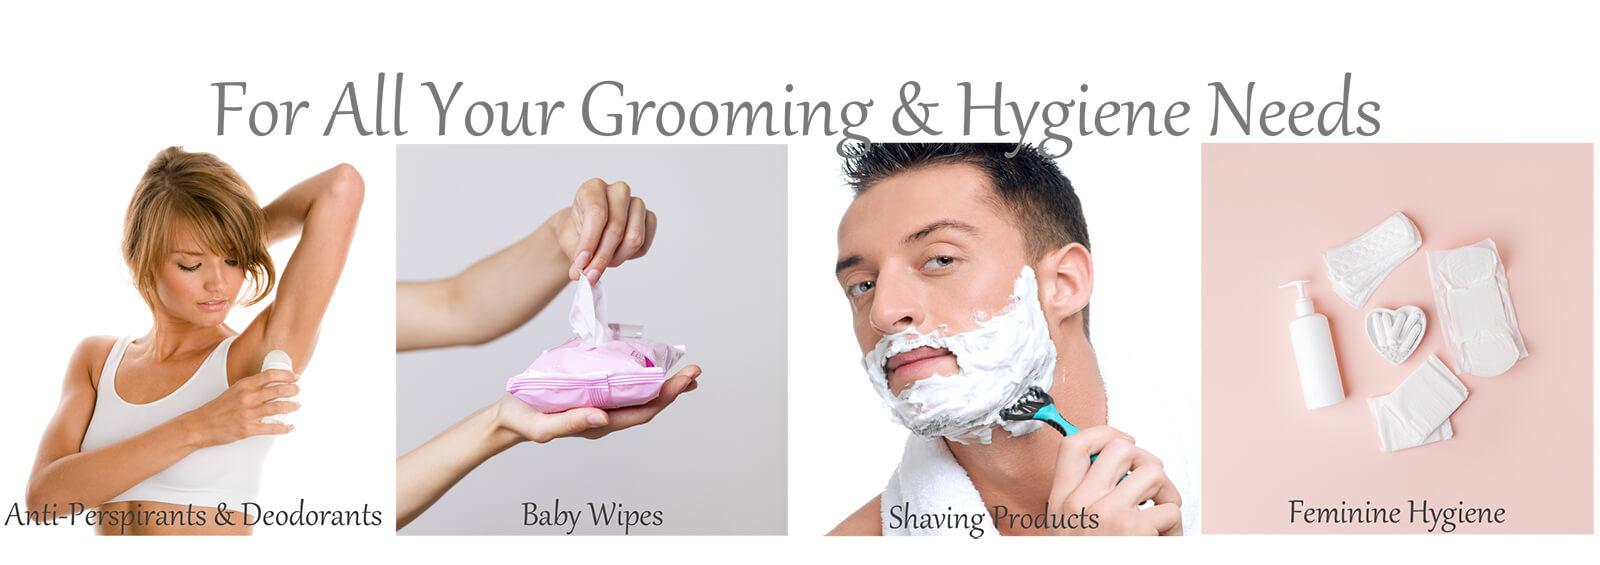 grooming-hygiene-banner-opt.jpg